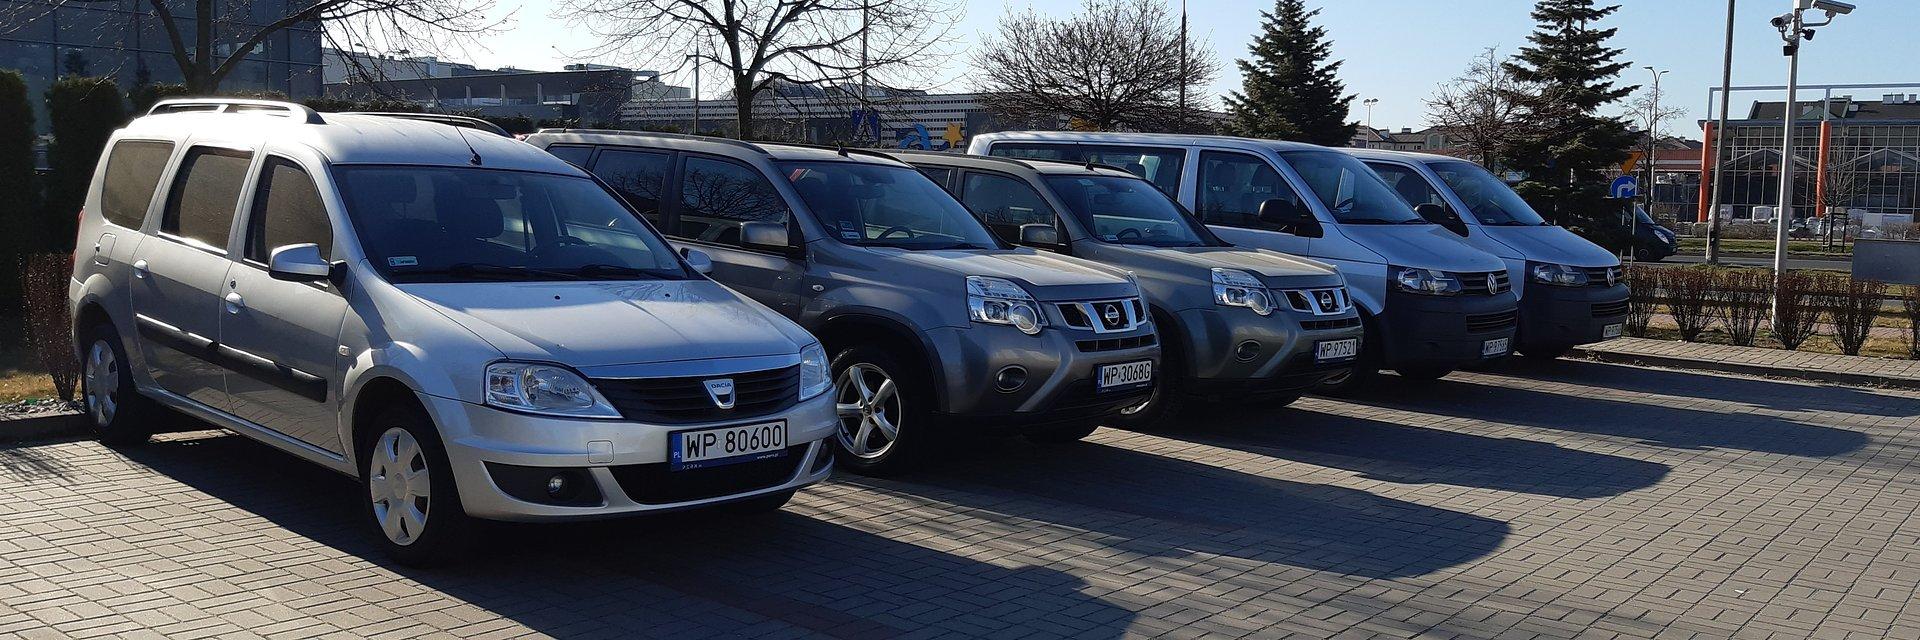 PERN: 5 aut dla Wojskowego Instytutu Medycznego